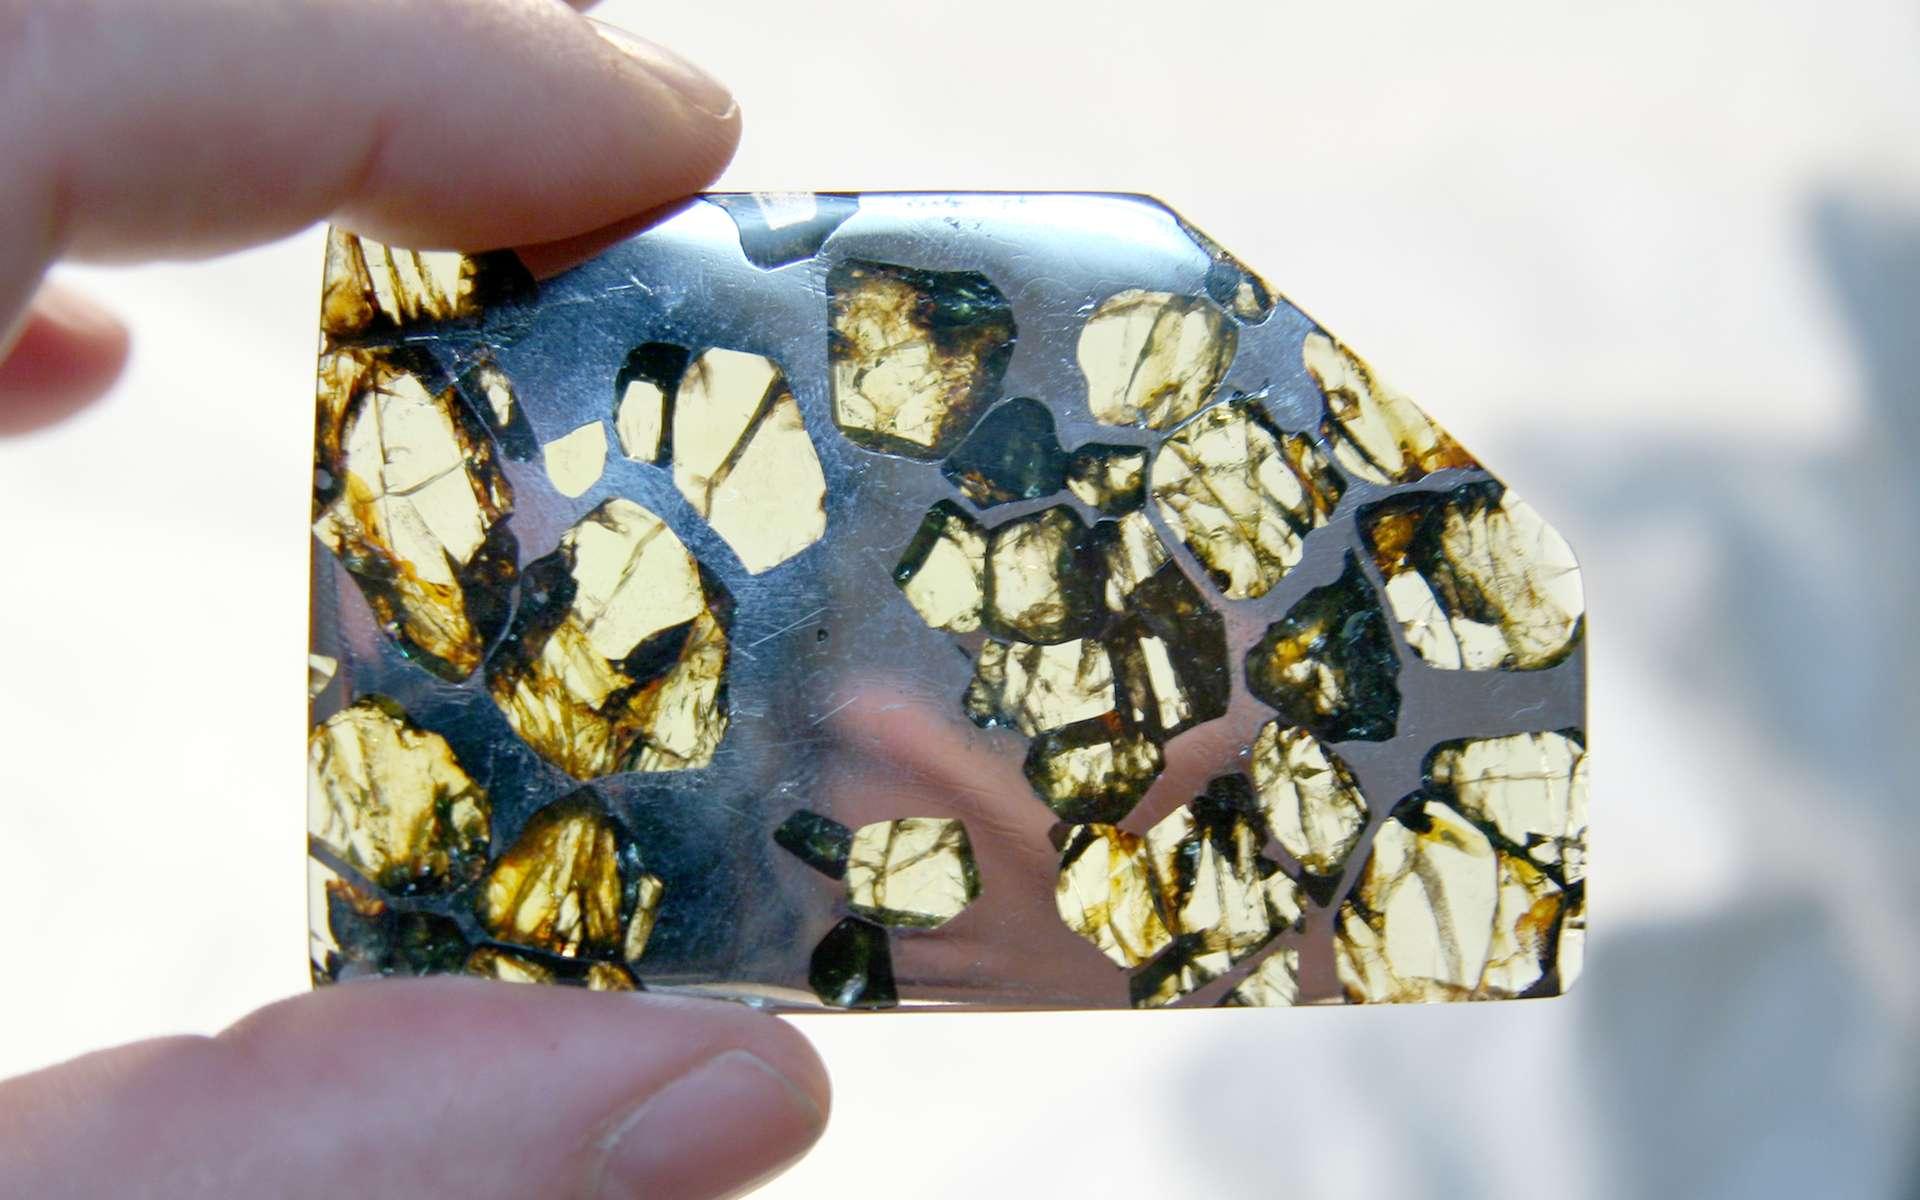 Comment reconnaître une météorite ? Ici, un fragment de la météorite Esquel. Il s'agit d'une pallasite trouvée en 1951 dans la province de Chubut, en Argentine. © Doug Bowman, Wikimedia Commons, CC by 2.0